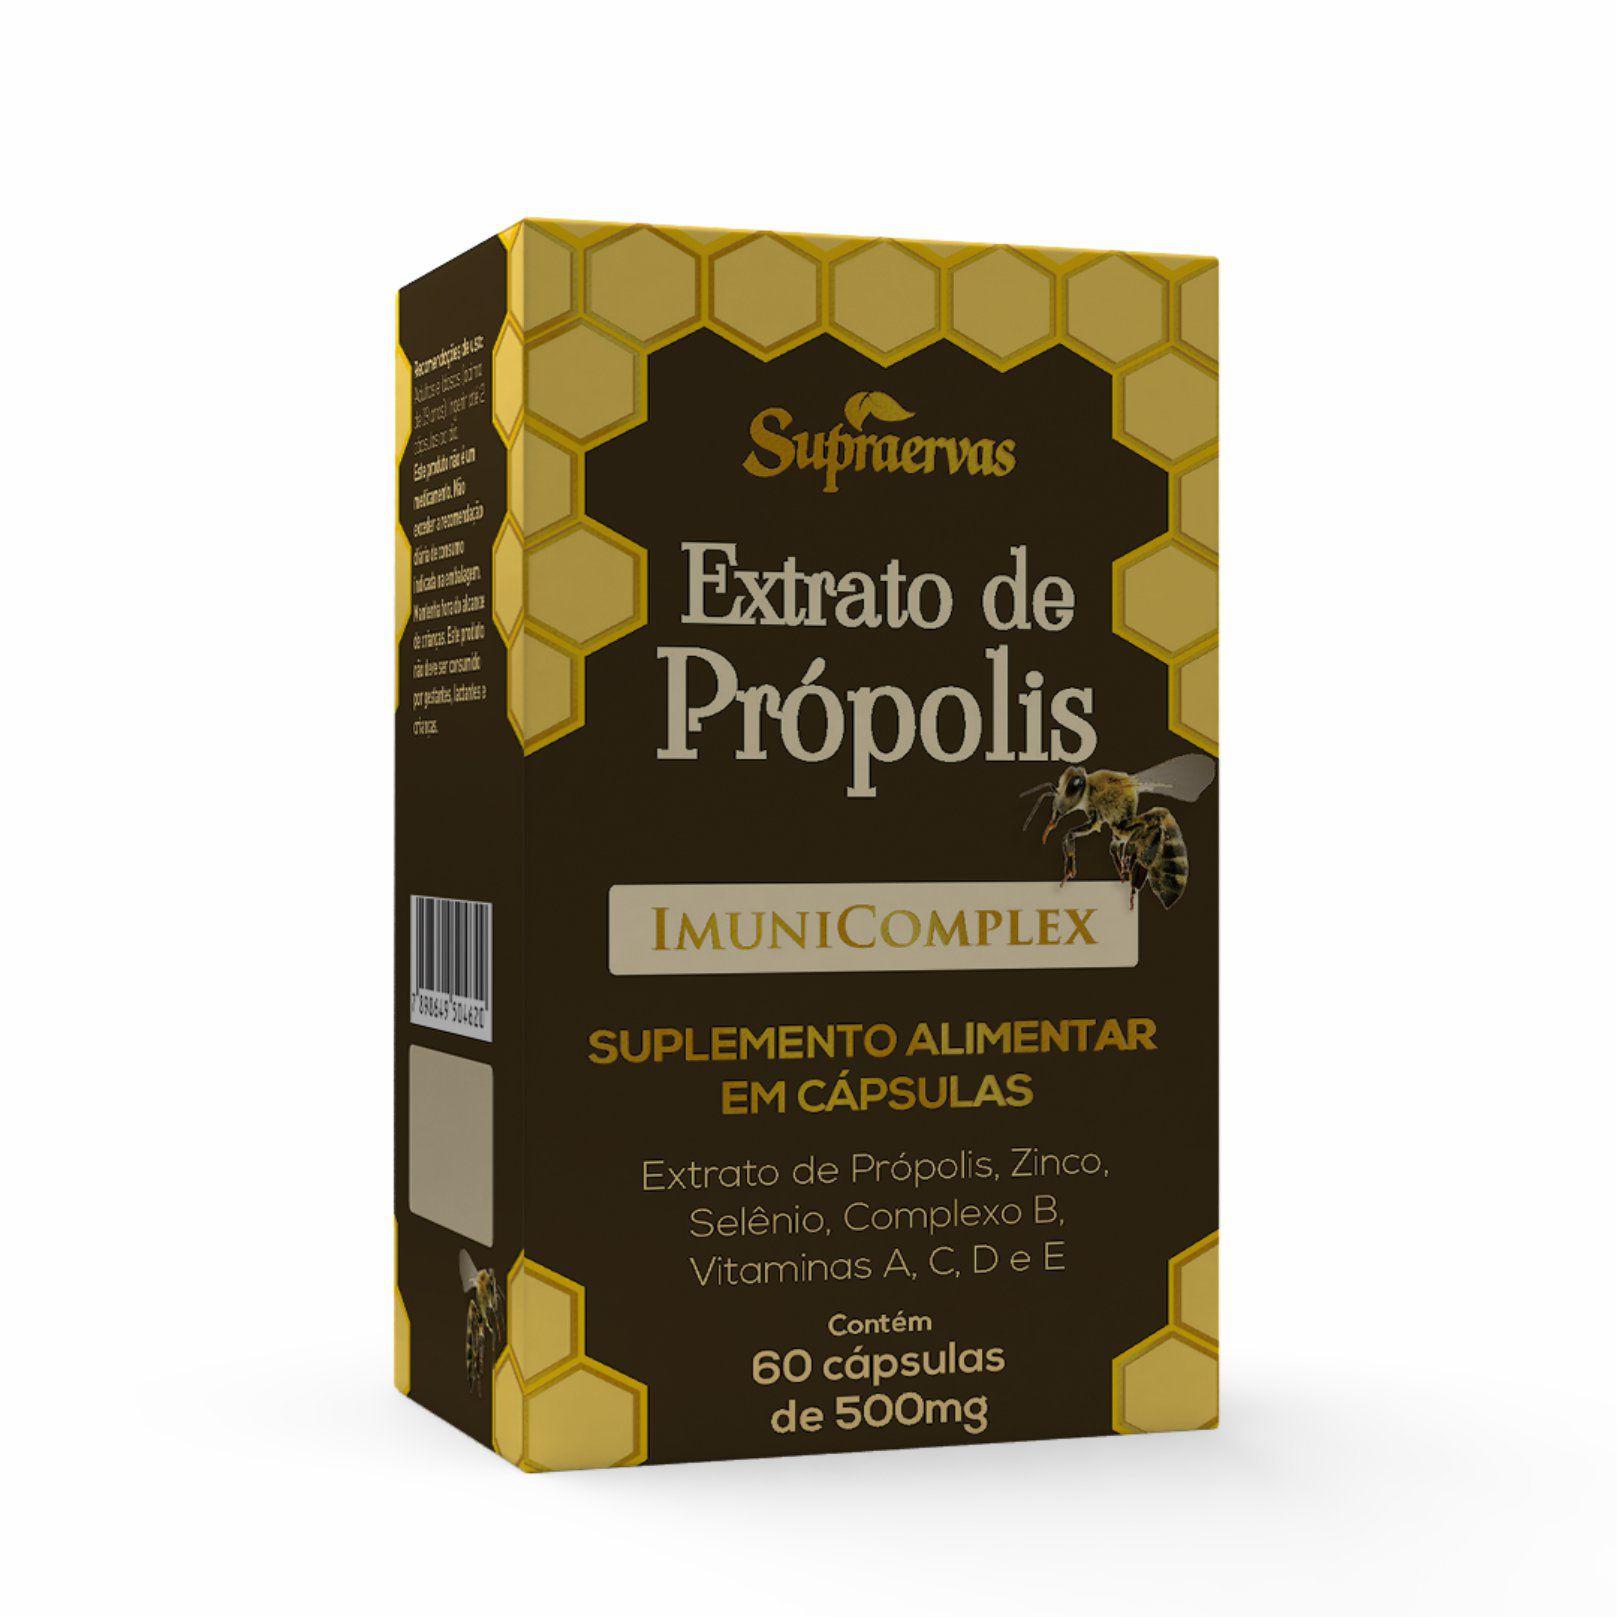 Extrato de Própolis ImuniComplex - 60 cápsulas em blister